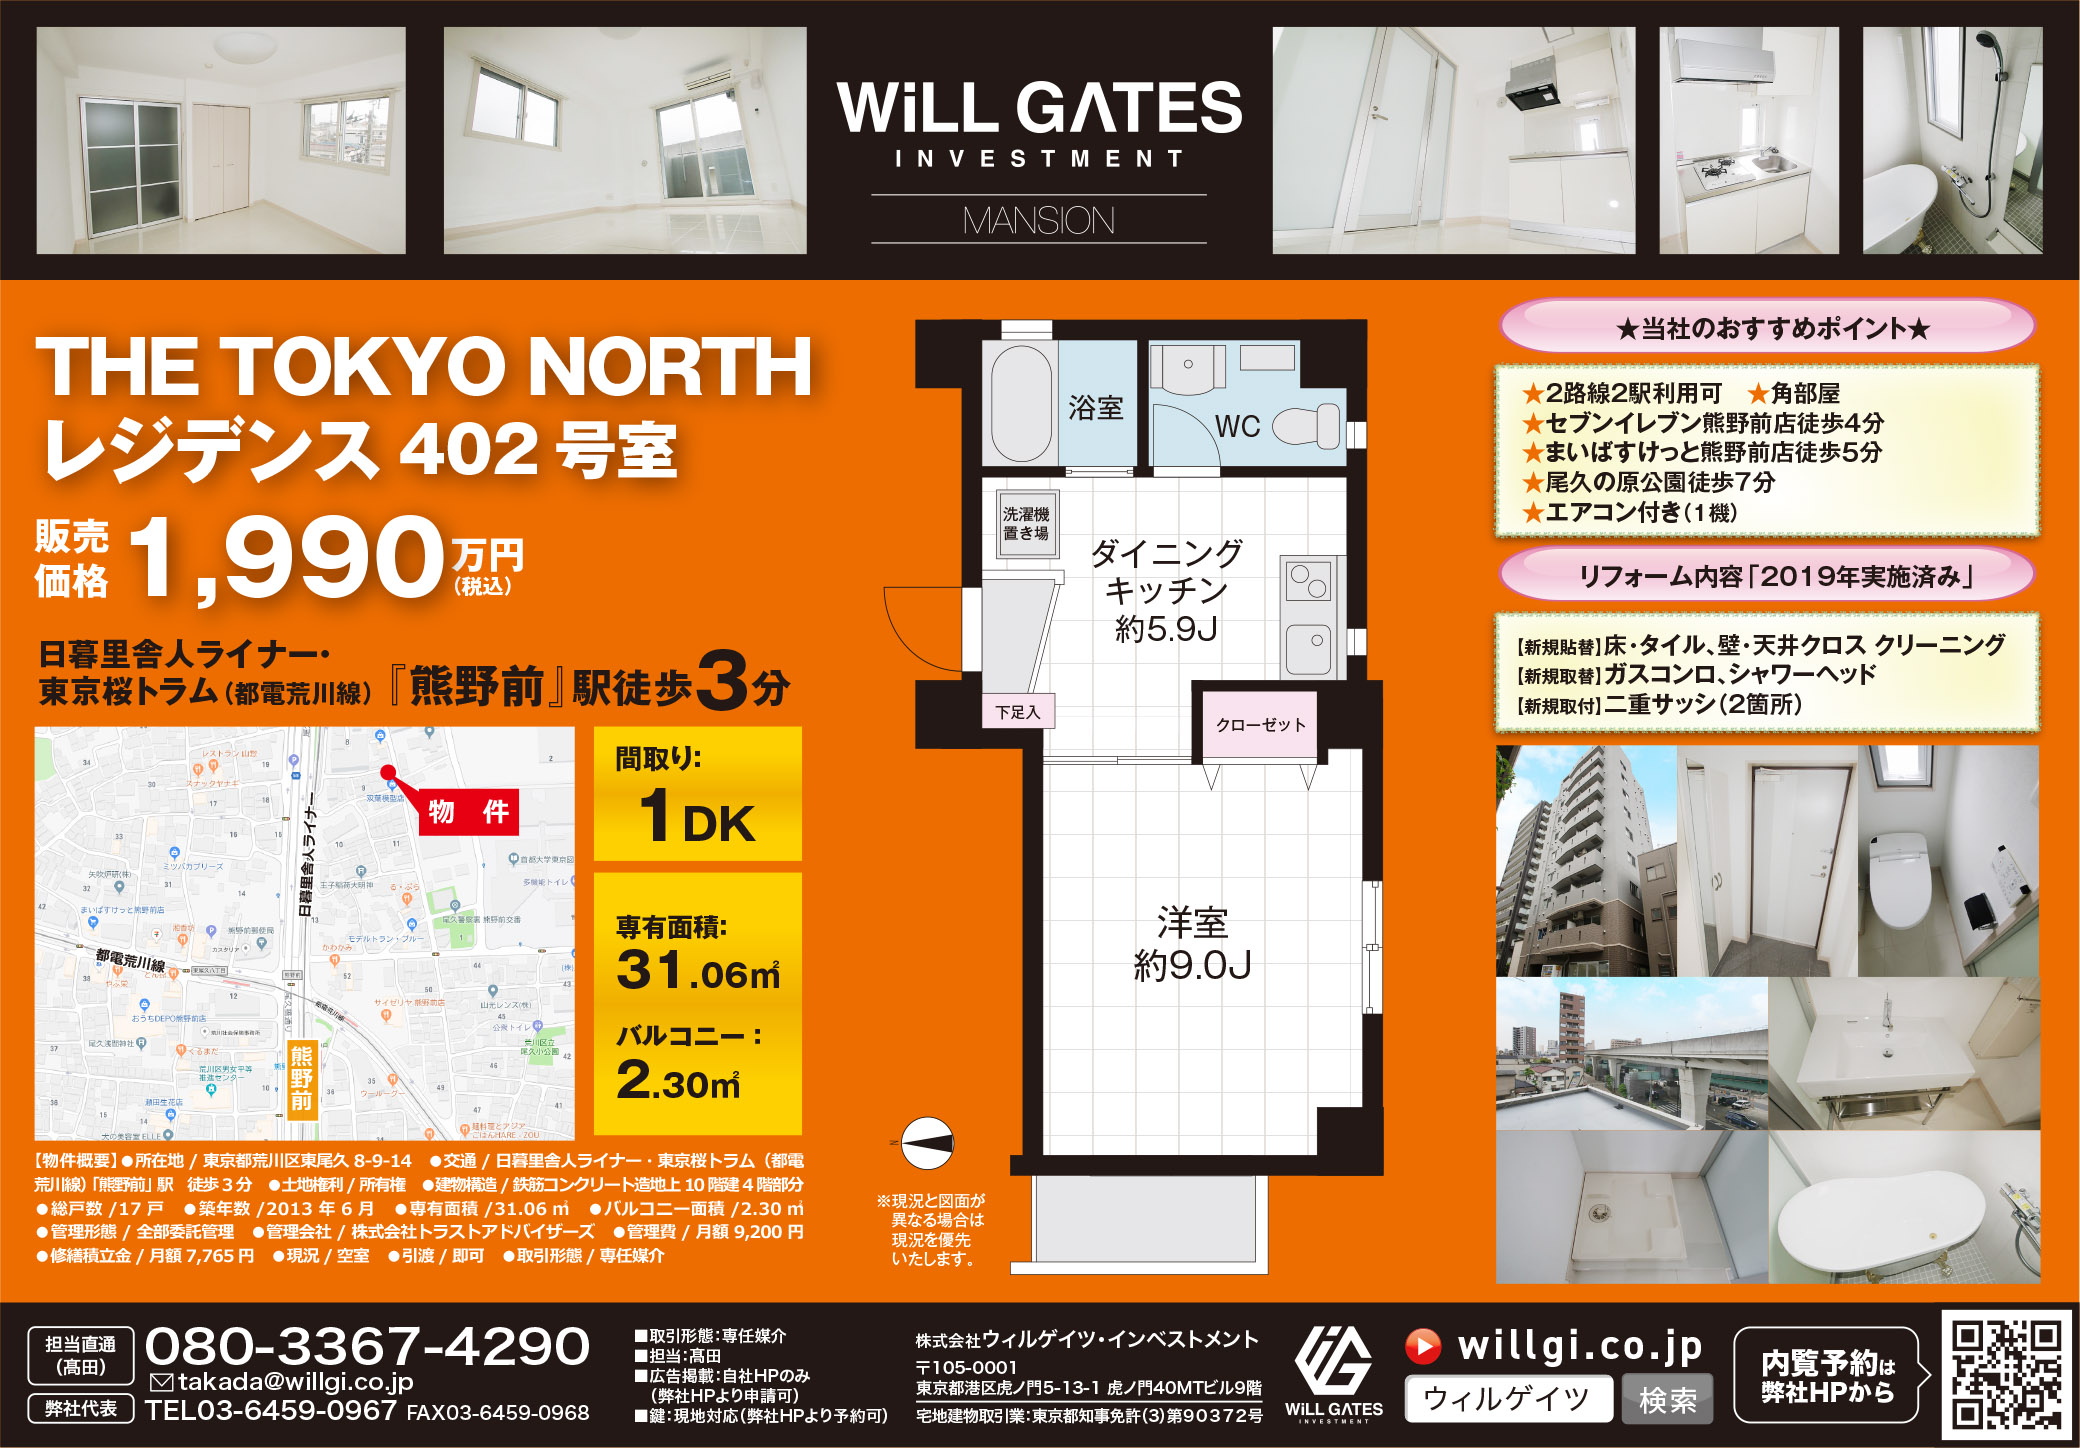 THE TOKYO NORTH レジデンス402